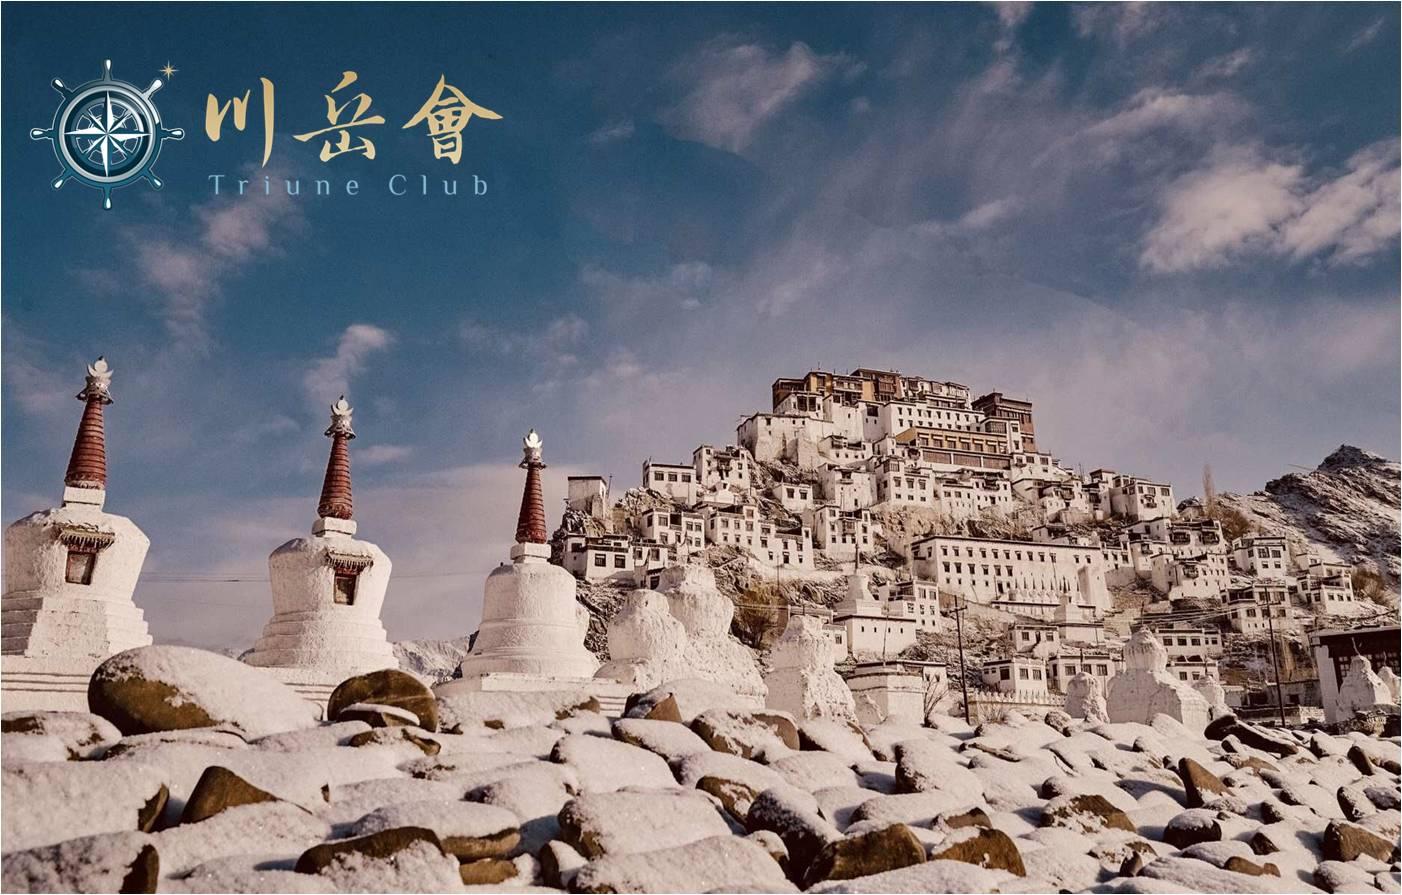 【川岳会直播No.2】2019印度喜马拉雅山雪豹追踪+洒红节远征-列城篇